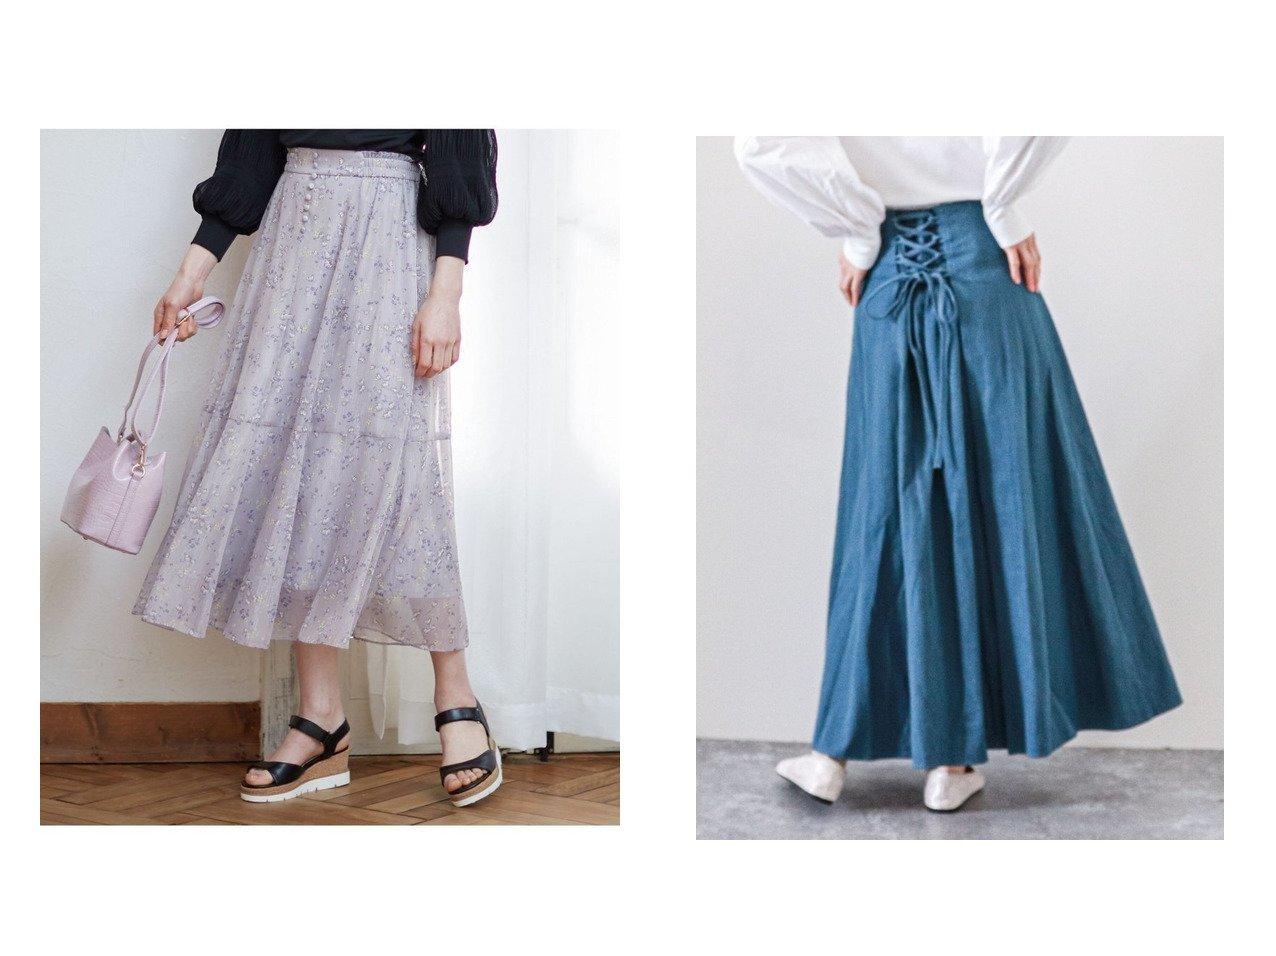 【archives/アルシーヴ】のデニムバックレースアップマキシスカート&【Feroux/フェルゥ】の【洗える】シャイニーチューリッププリント スカート 【スカート】おすすめ!人気、トレンド・レディースファッションの通販 おすすめで人気の流行・トレンド、ファッションの通販商品 メンズファッション・キッズファッション・インテリア・家具・レディースファッション・服の通販 founy(ファニー) https://founy.com/ ファッション Fashion レディースファッション WOMEN スカート Skirt ロングスカート Long Skirt おすすめ Recommend シンプル フレア ロング シアー トレンド フロント 春 Spring 洗える |ID:crp329100000035448